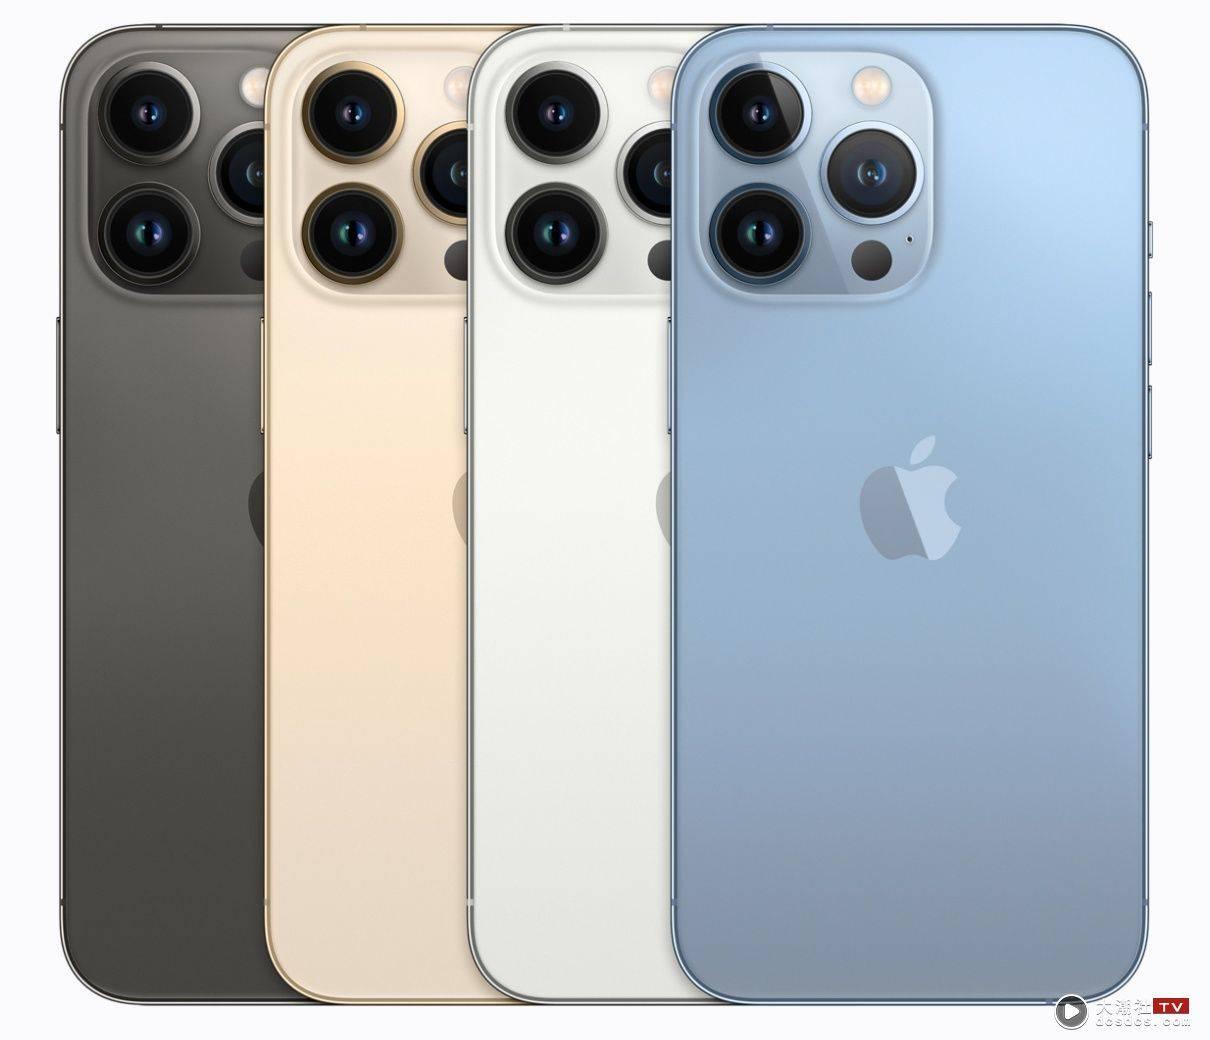 苹果新机发表!iPhone 13 系列特色懒人包 最低 23,000 即可入手(内附价格、开卖时间)